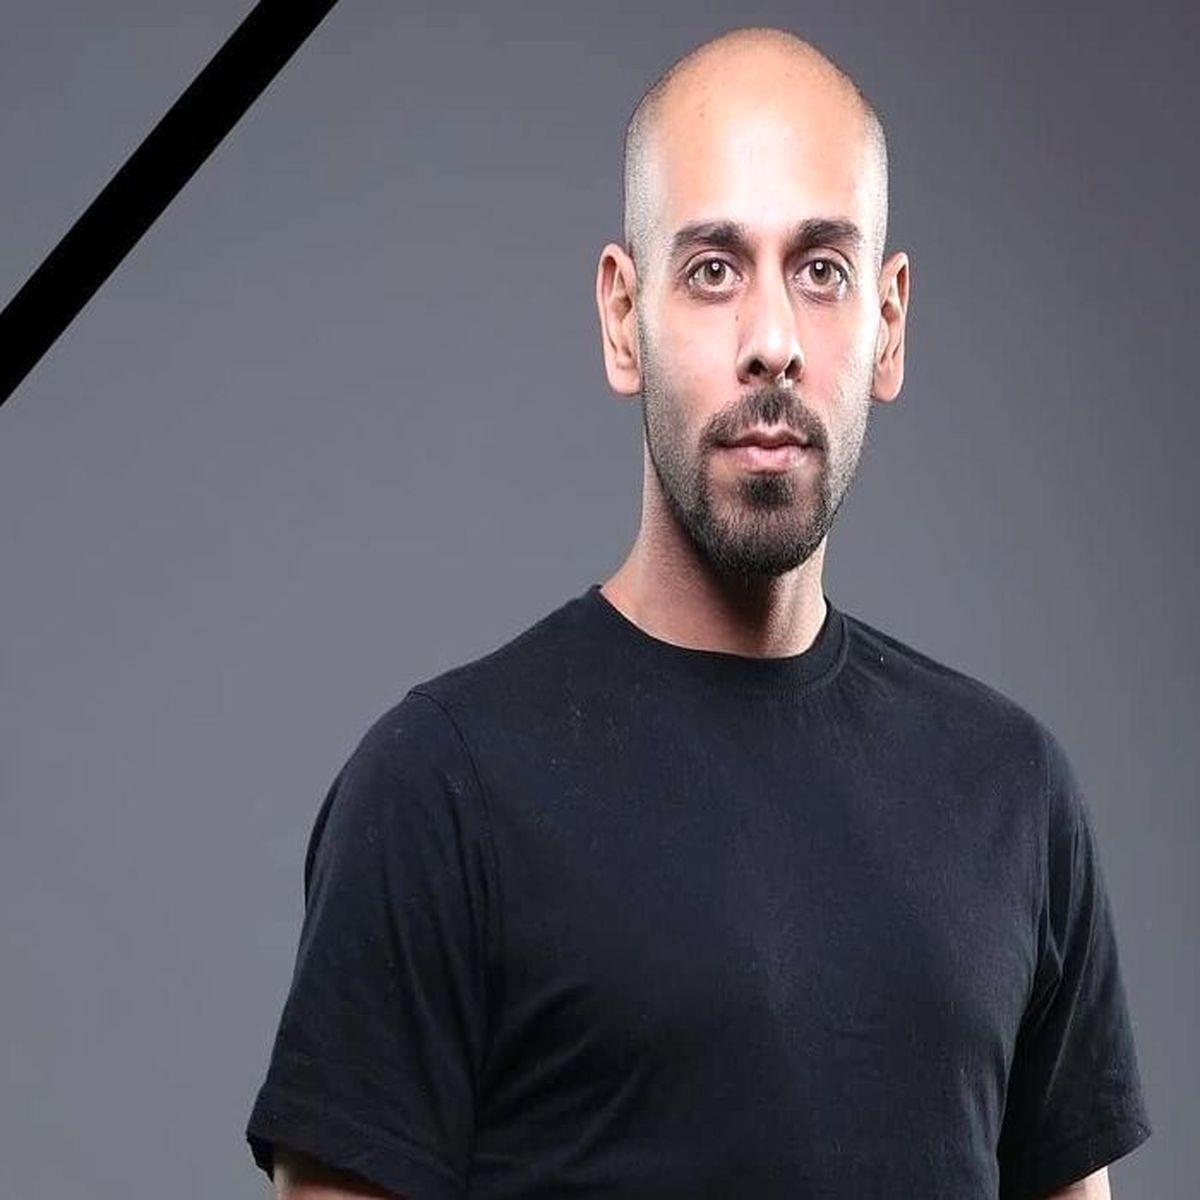 ارشا اقدسی درگذشت + بیوگرافی